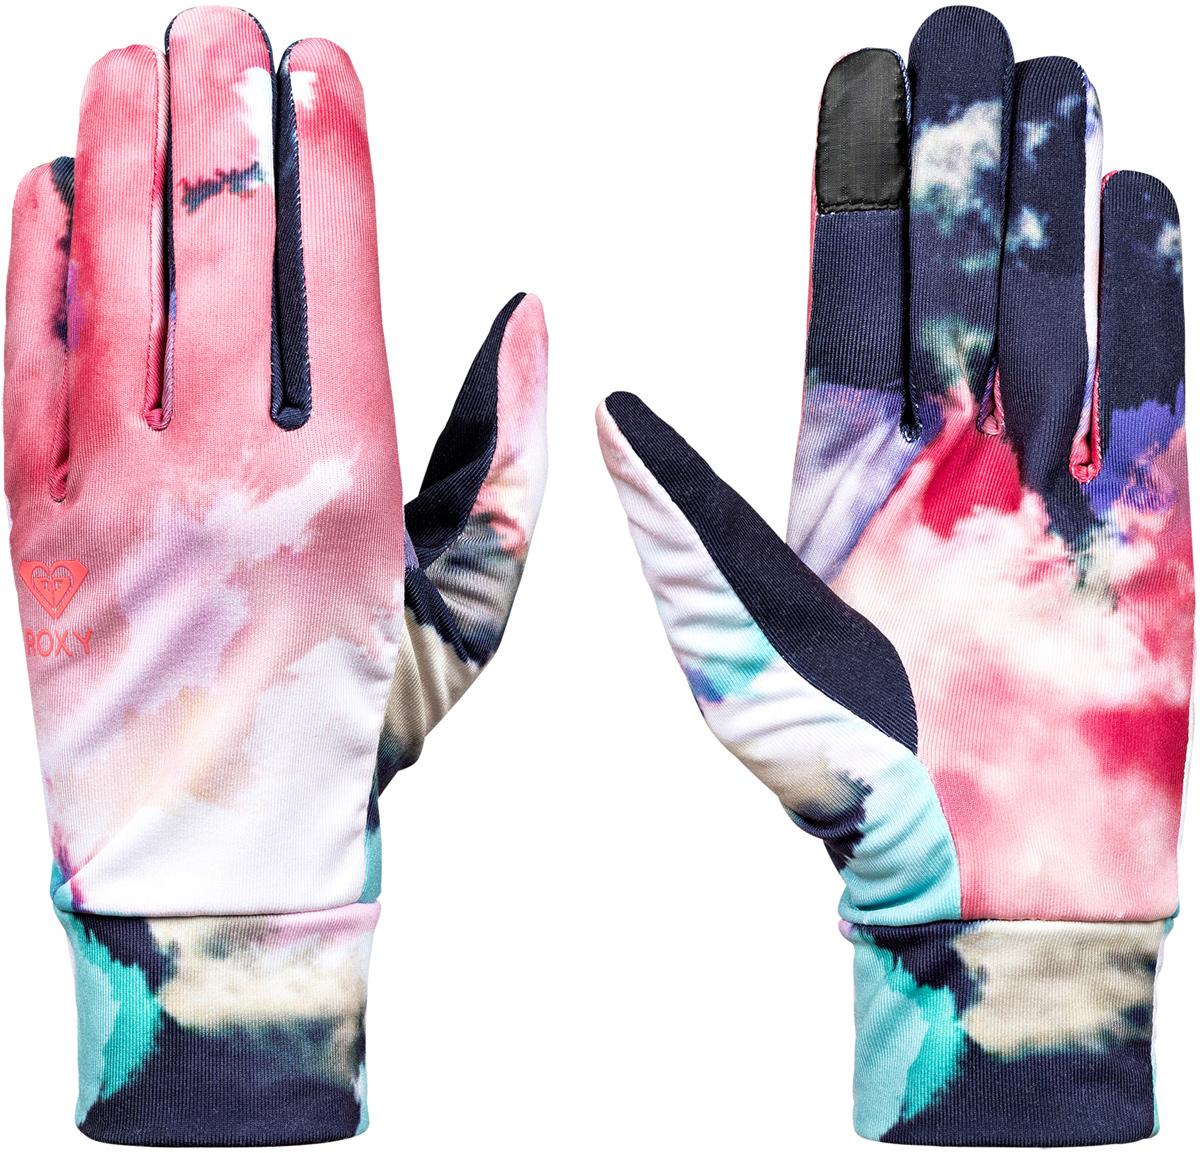 Перчатки женские Roxy Liner, цвет: темно-синий, розовый. ERJHN03059-NKN6. Размер S (6,5)ERJHN03059-NKN6Сноубордические перчатки Roxy Liner выполнены из технологичного эластичного текстиля Polartec Power Stretch. Широкие манжеты обеспечивают комфортную посадку модели на руке. Указательный палец подходит для пользования тачскрином.